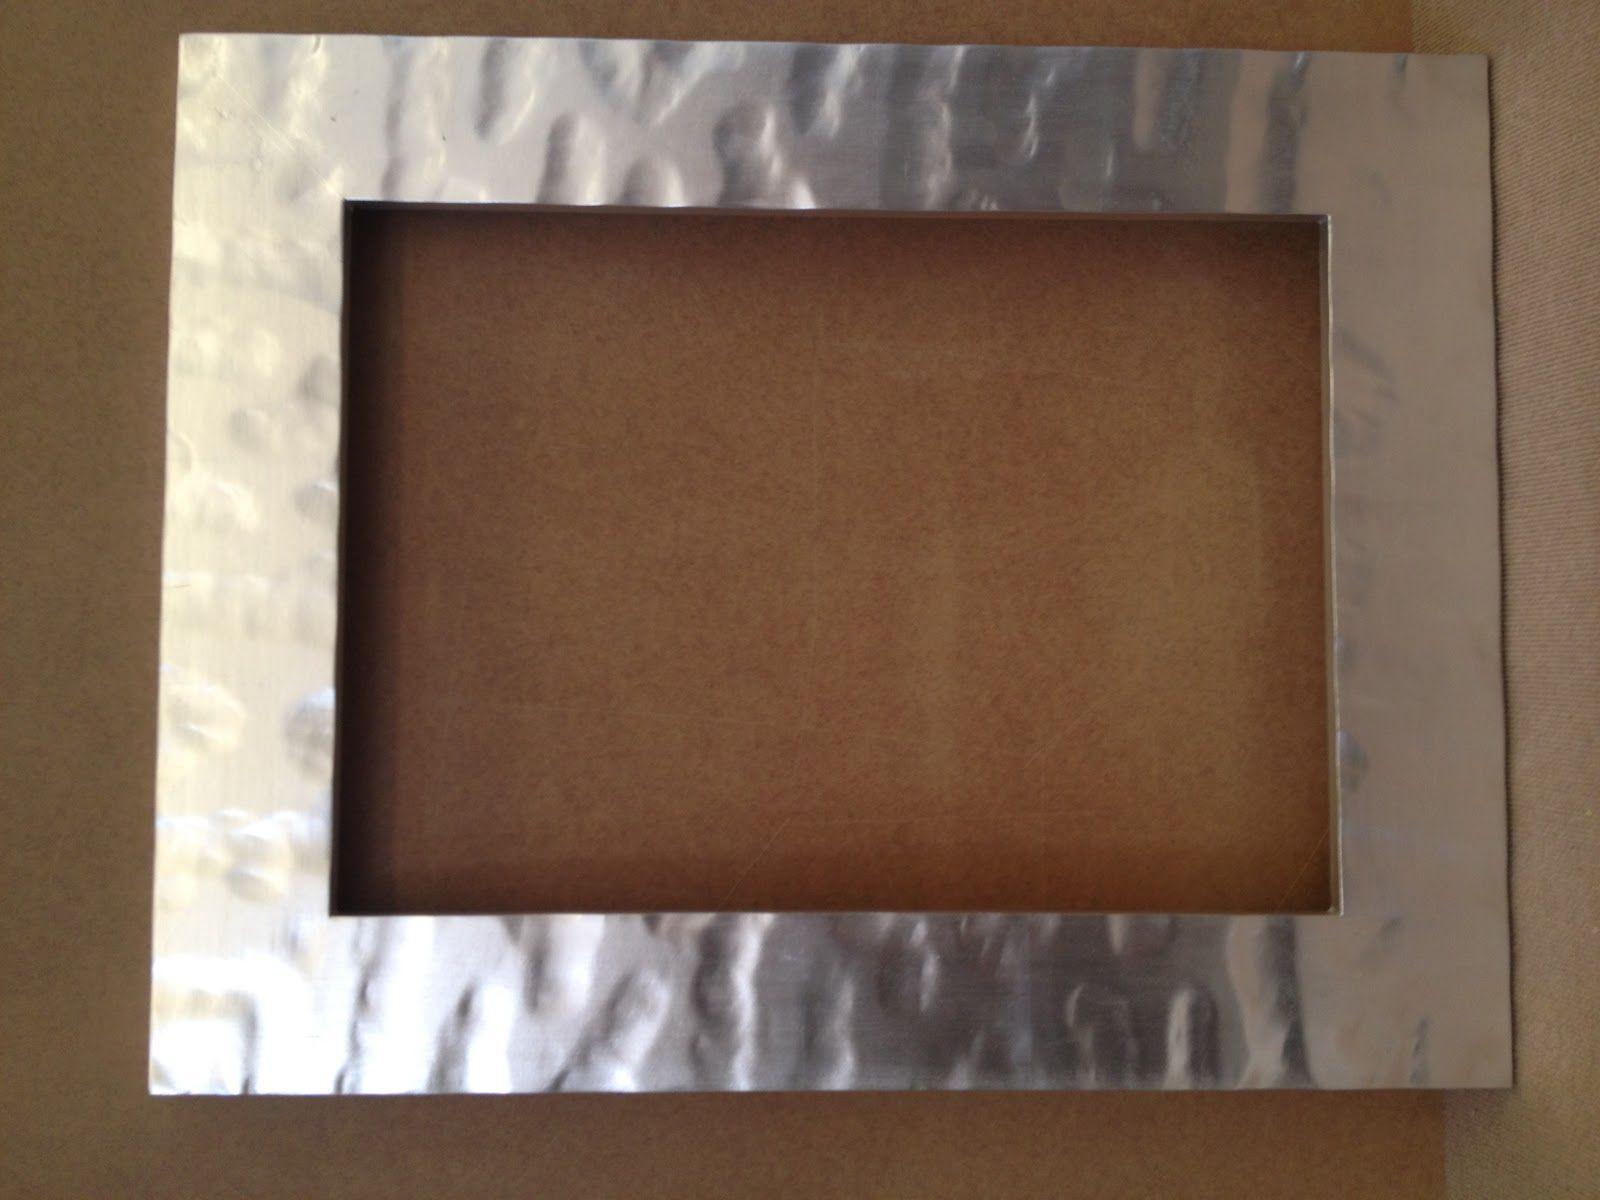 Kino marcos molduras marcos para cuadros enmarcacion - Ver cuadros modernos ...